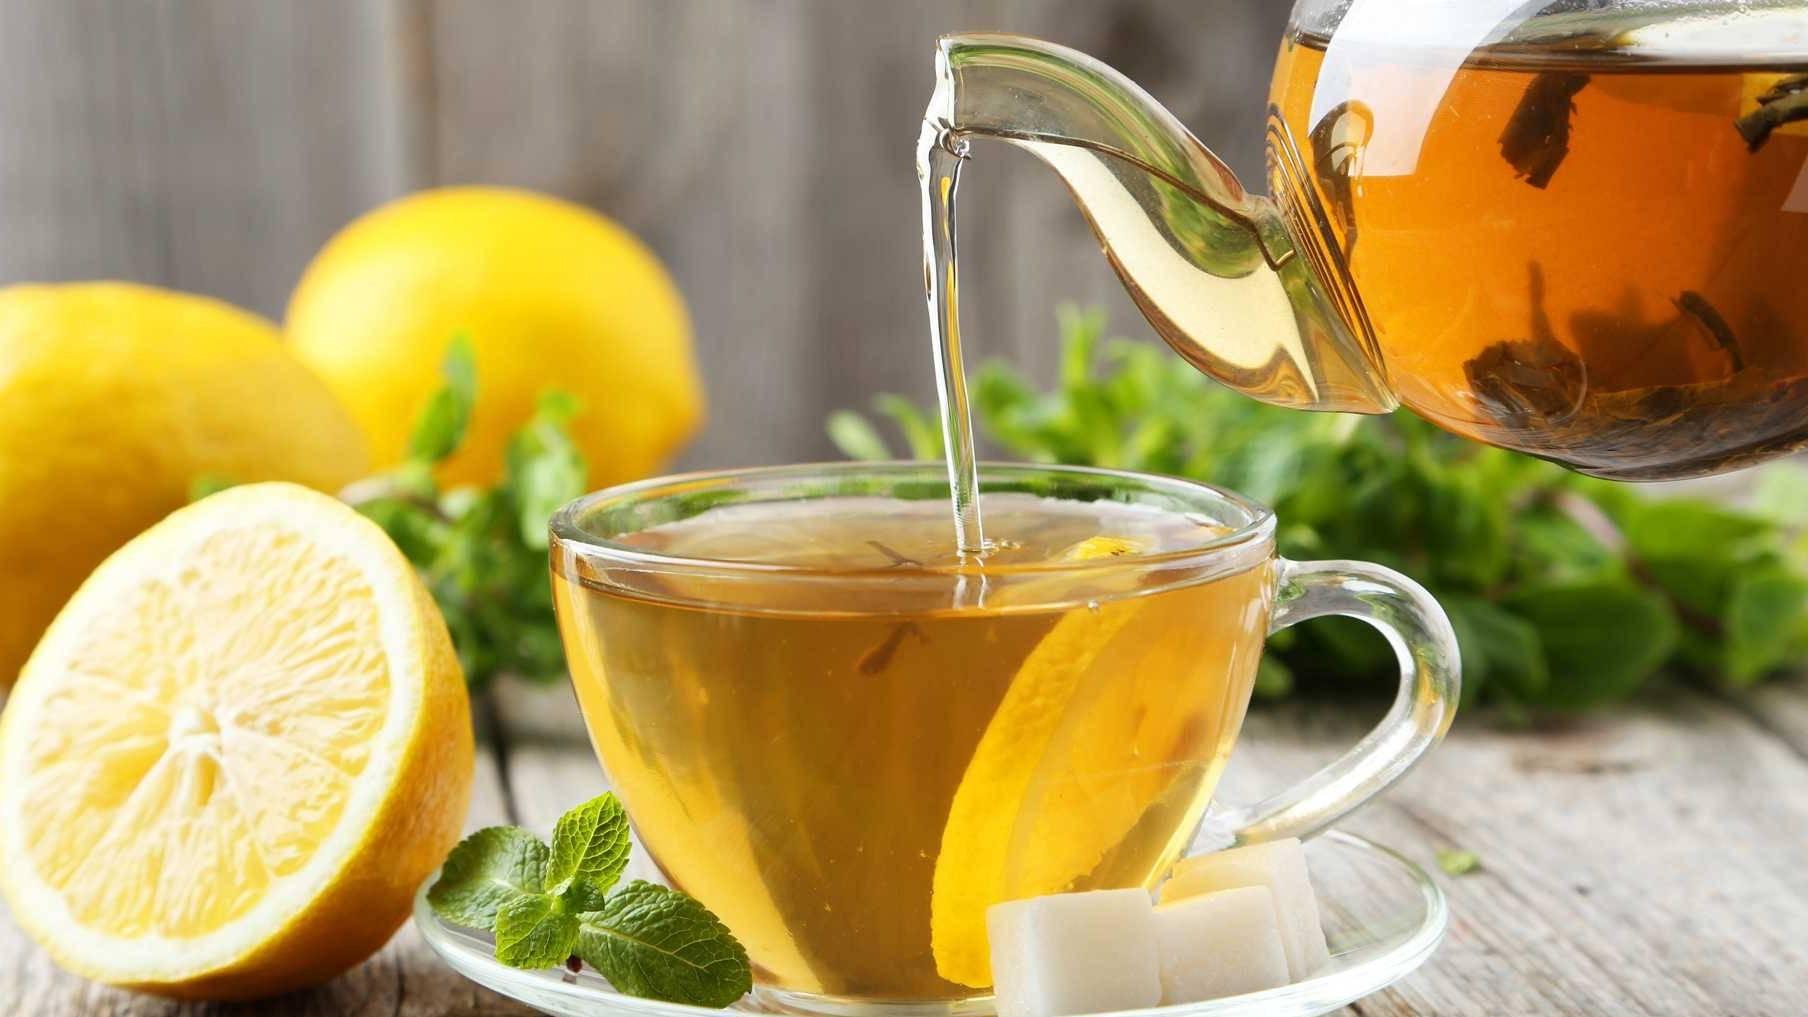 Чай из лимонника китайского: свойства, приготовление, виды